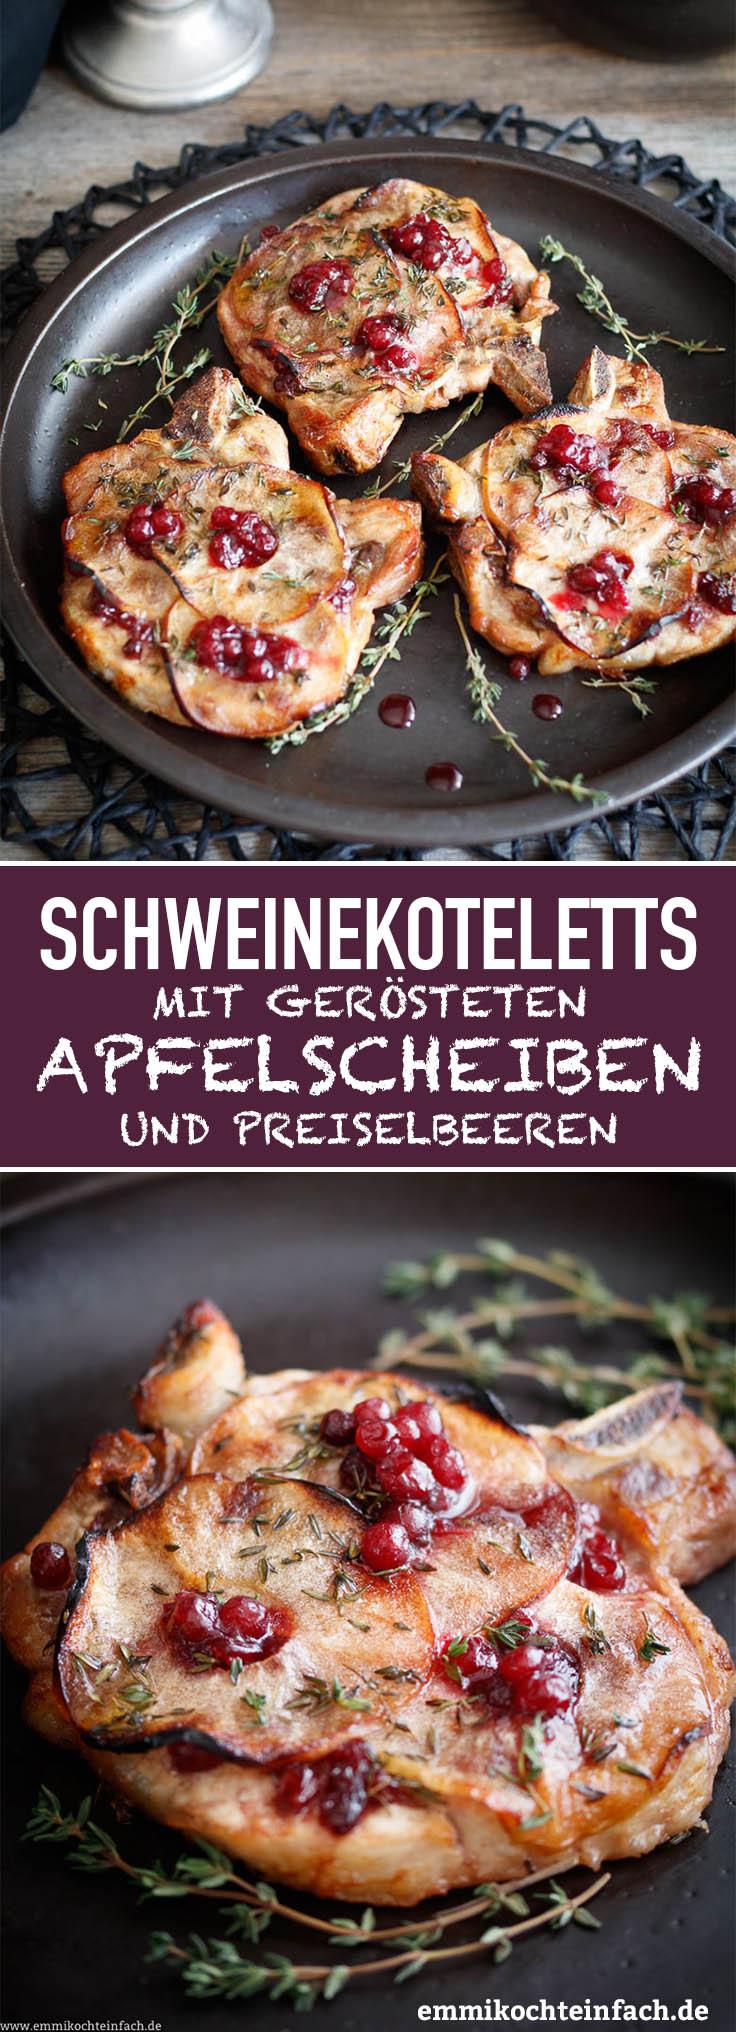 Schnelle Schweinekoteletts mit Apfelscheiben - www.emmikochteinfach.de